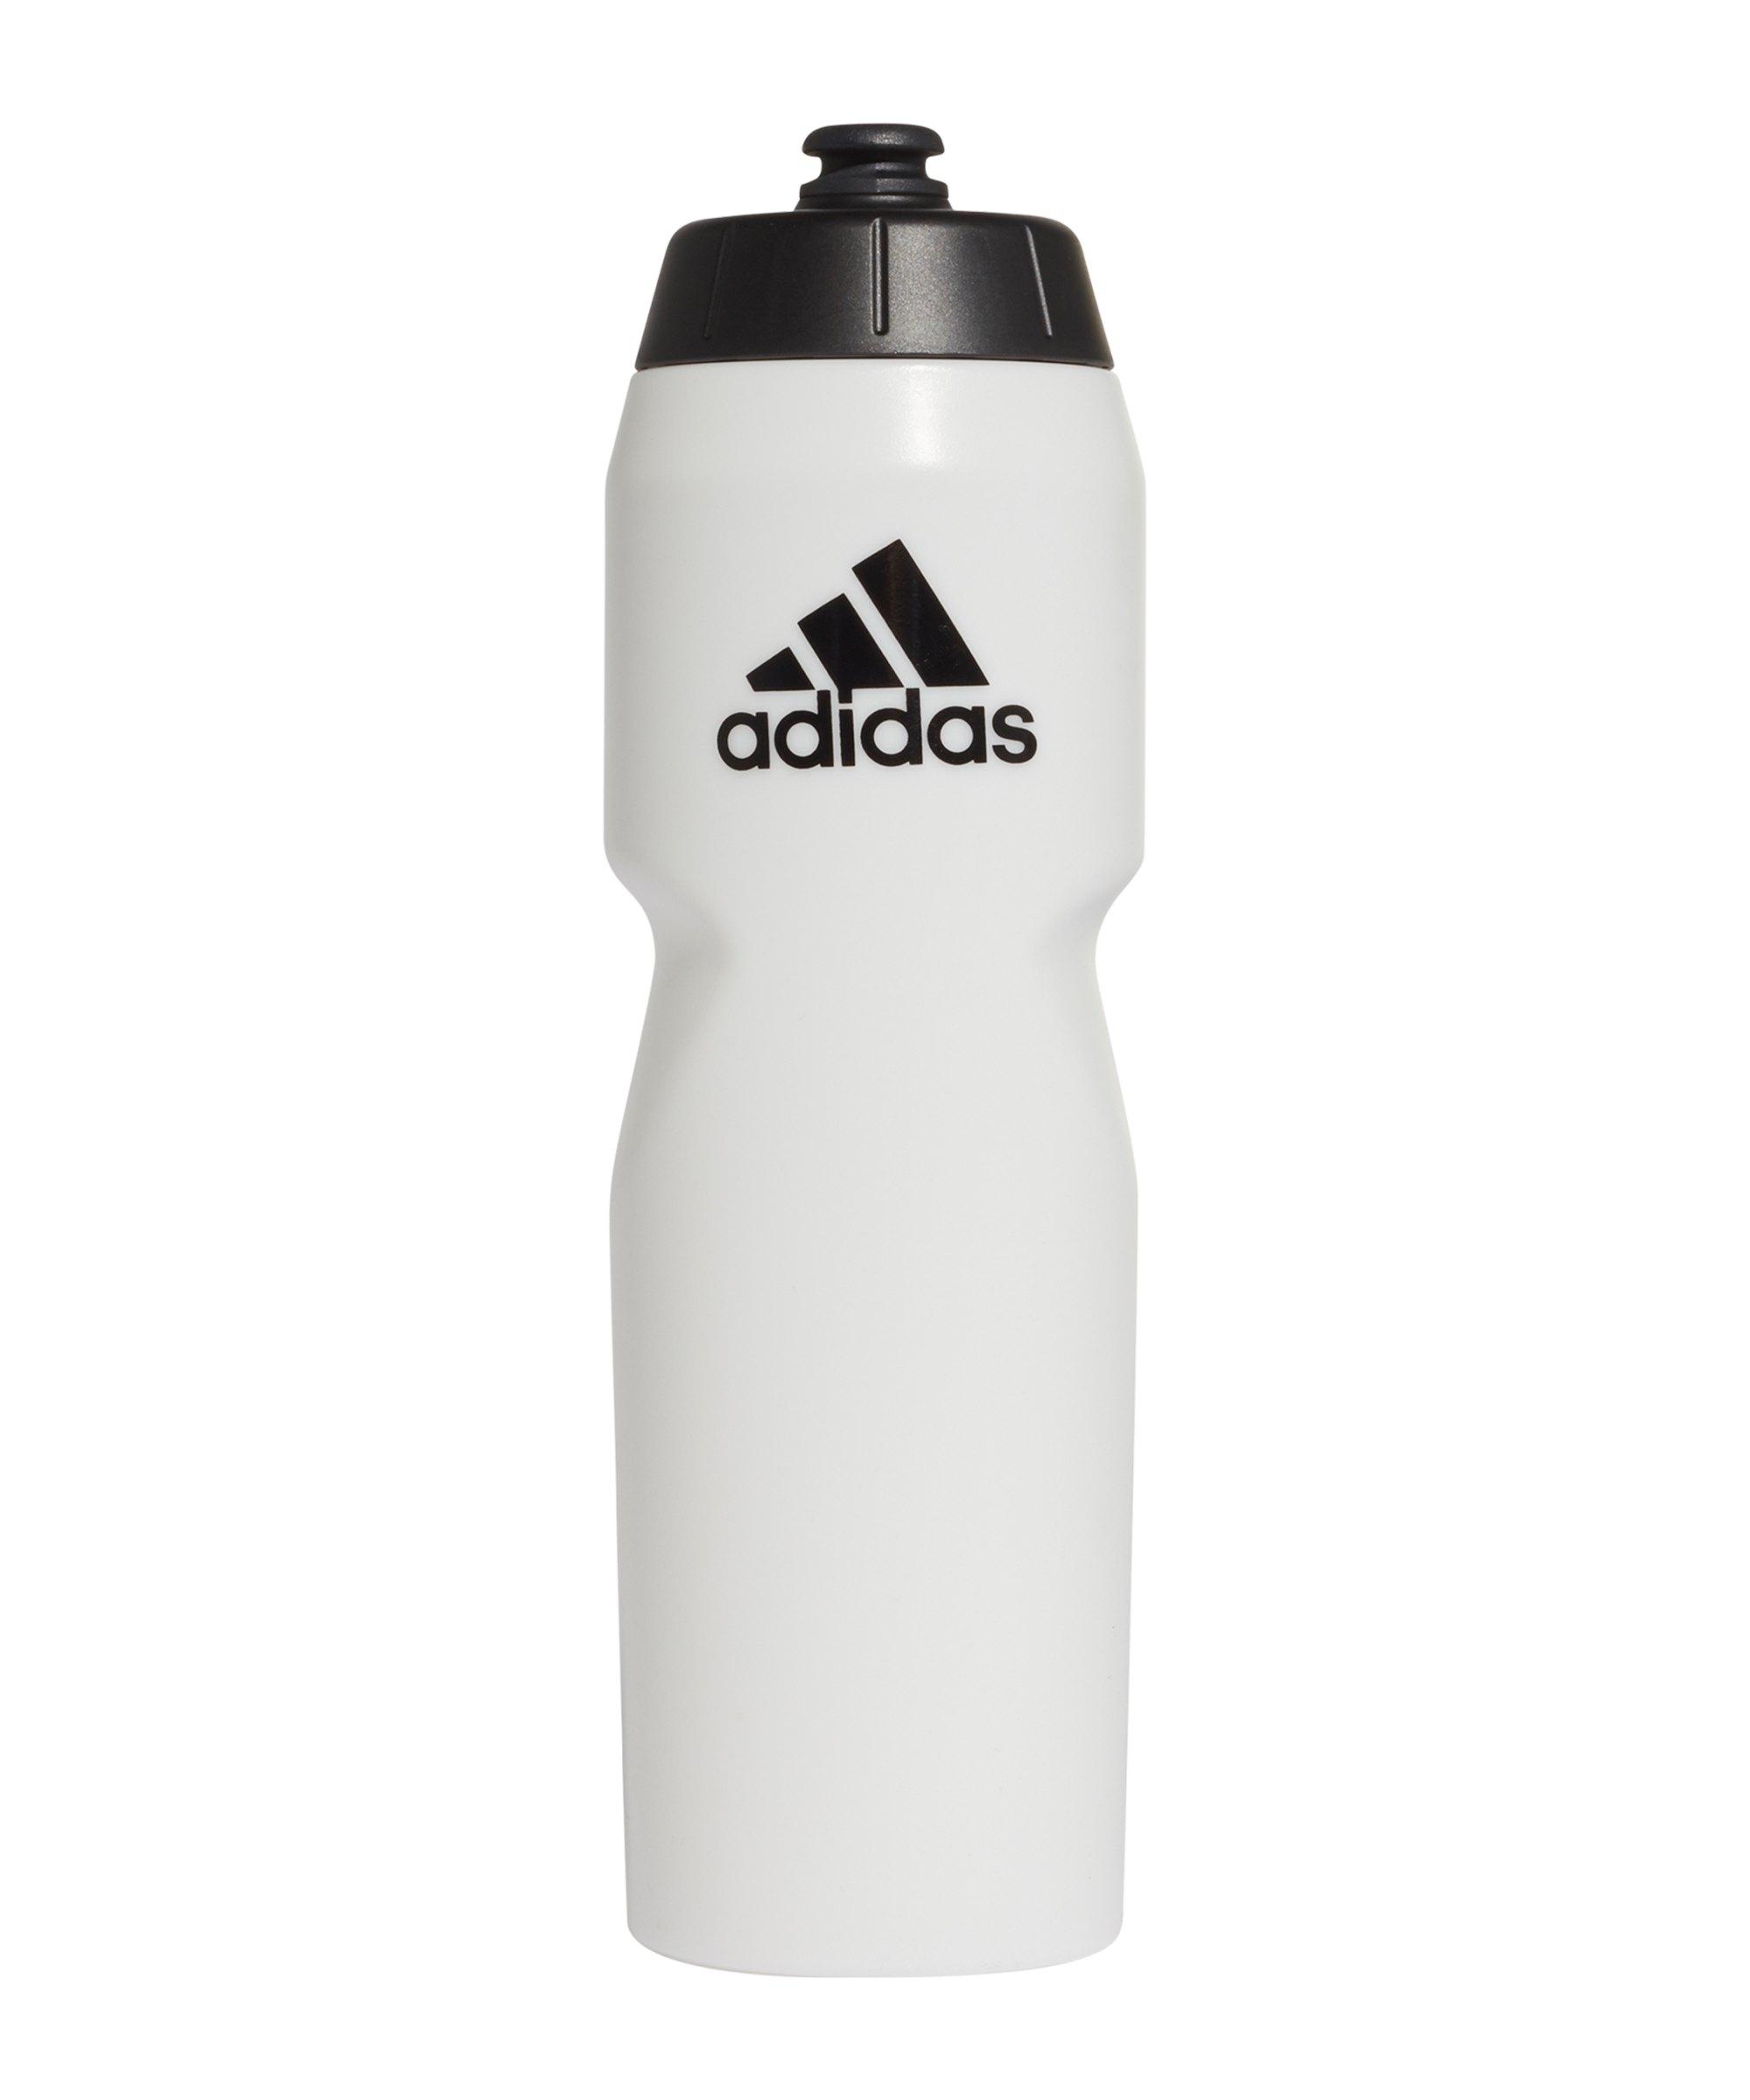 adidas Performance Trinkflasche 750ml Weiss - weiss